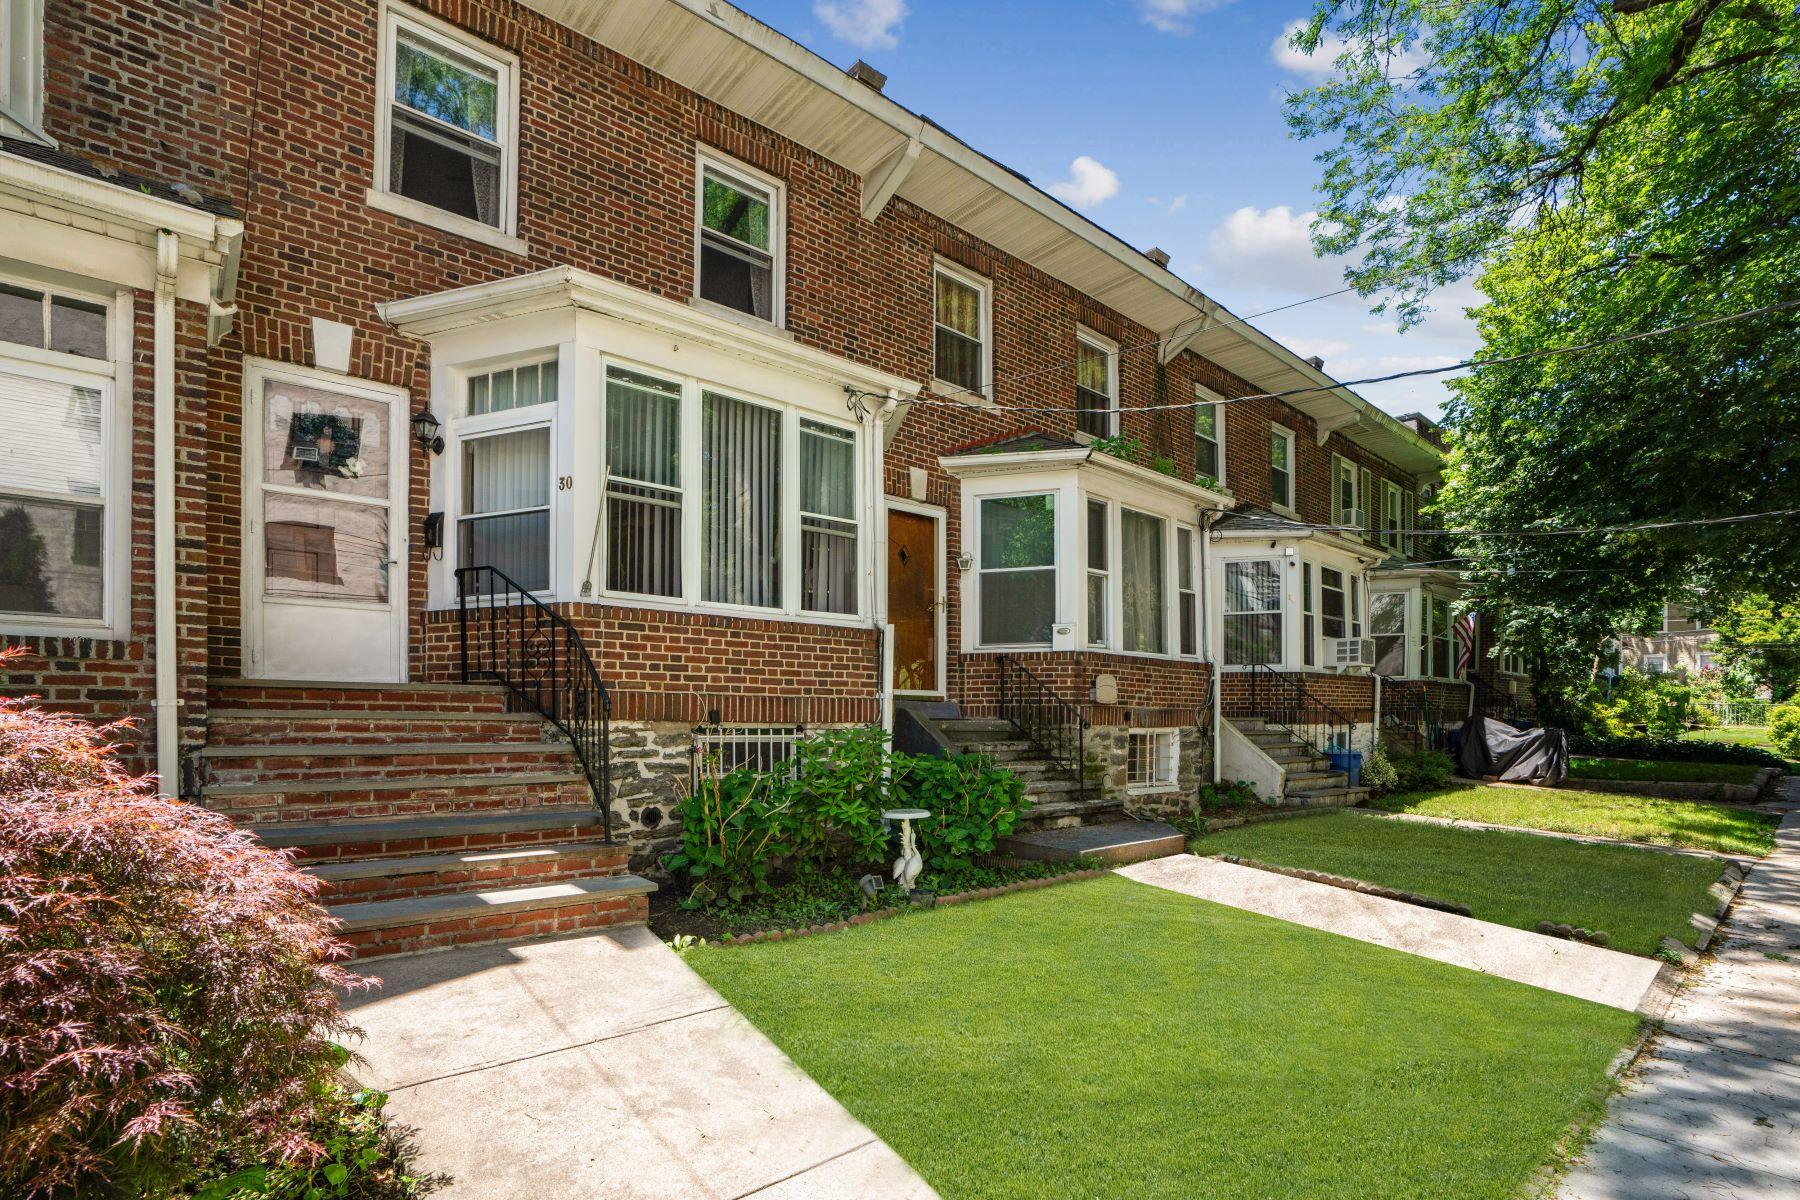 townhouses för Försäljning vid Lovely Brick Townhouse 30 Hartley Avenue, Mount Vernon, New York 10550 Förenta staterna